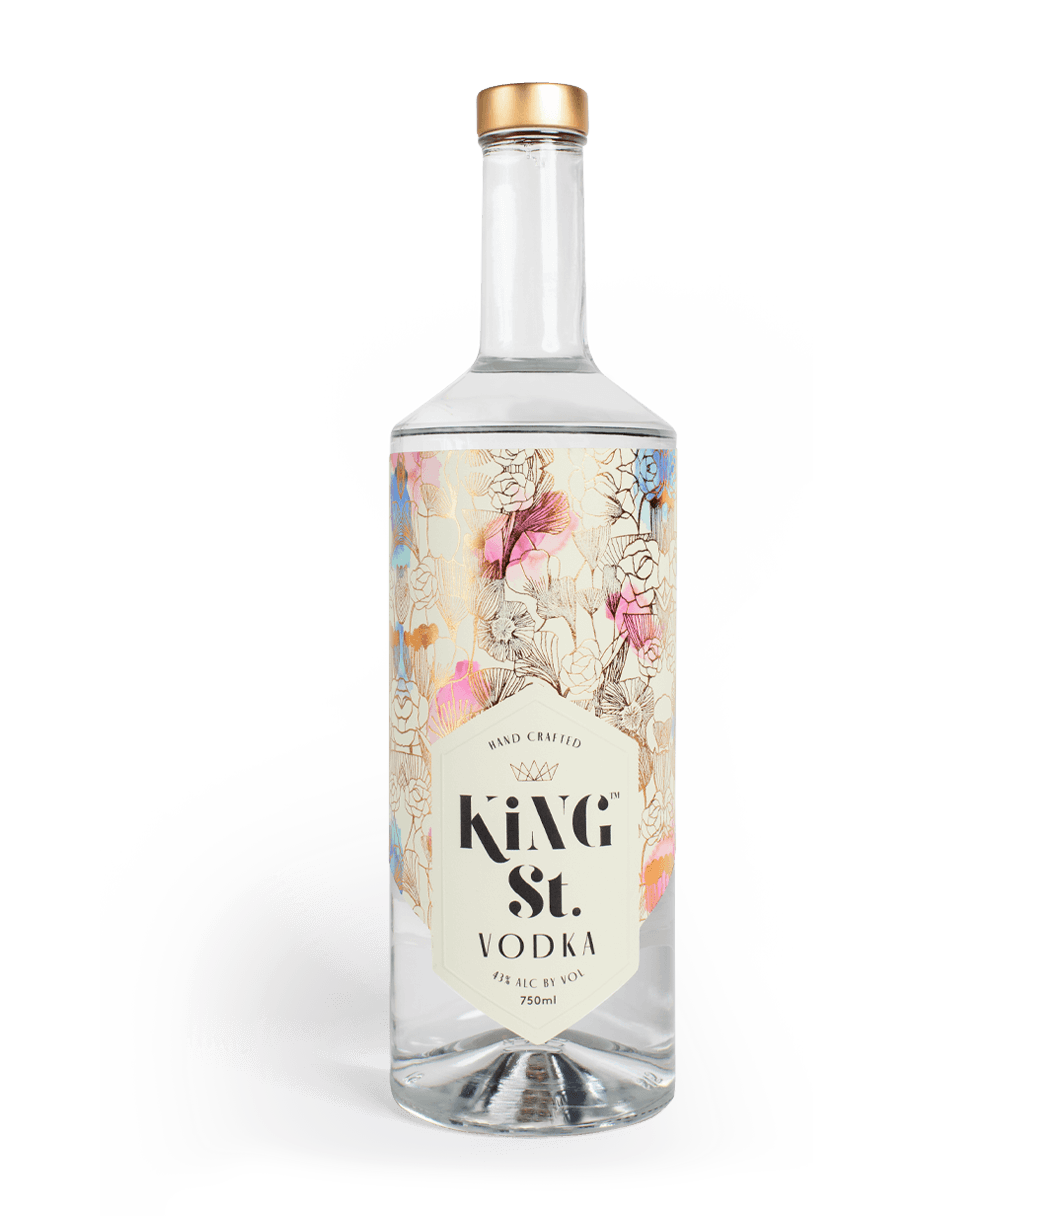 A Bottle of King Street Vodka